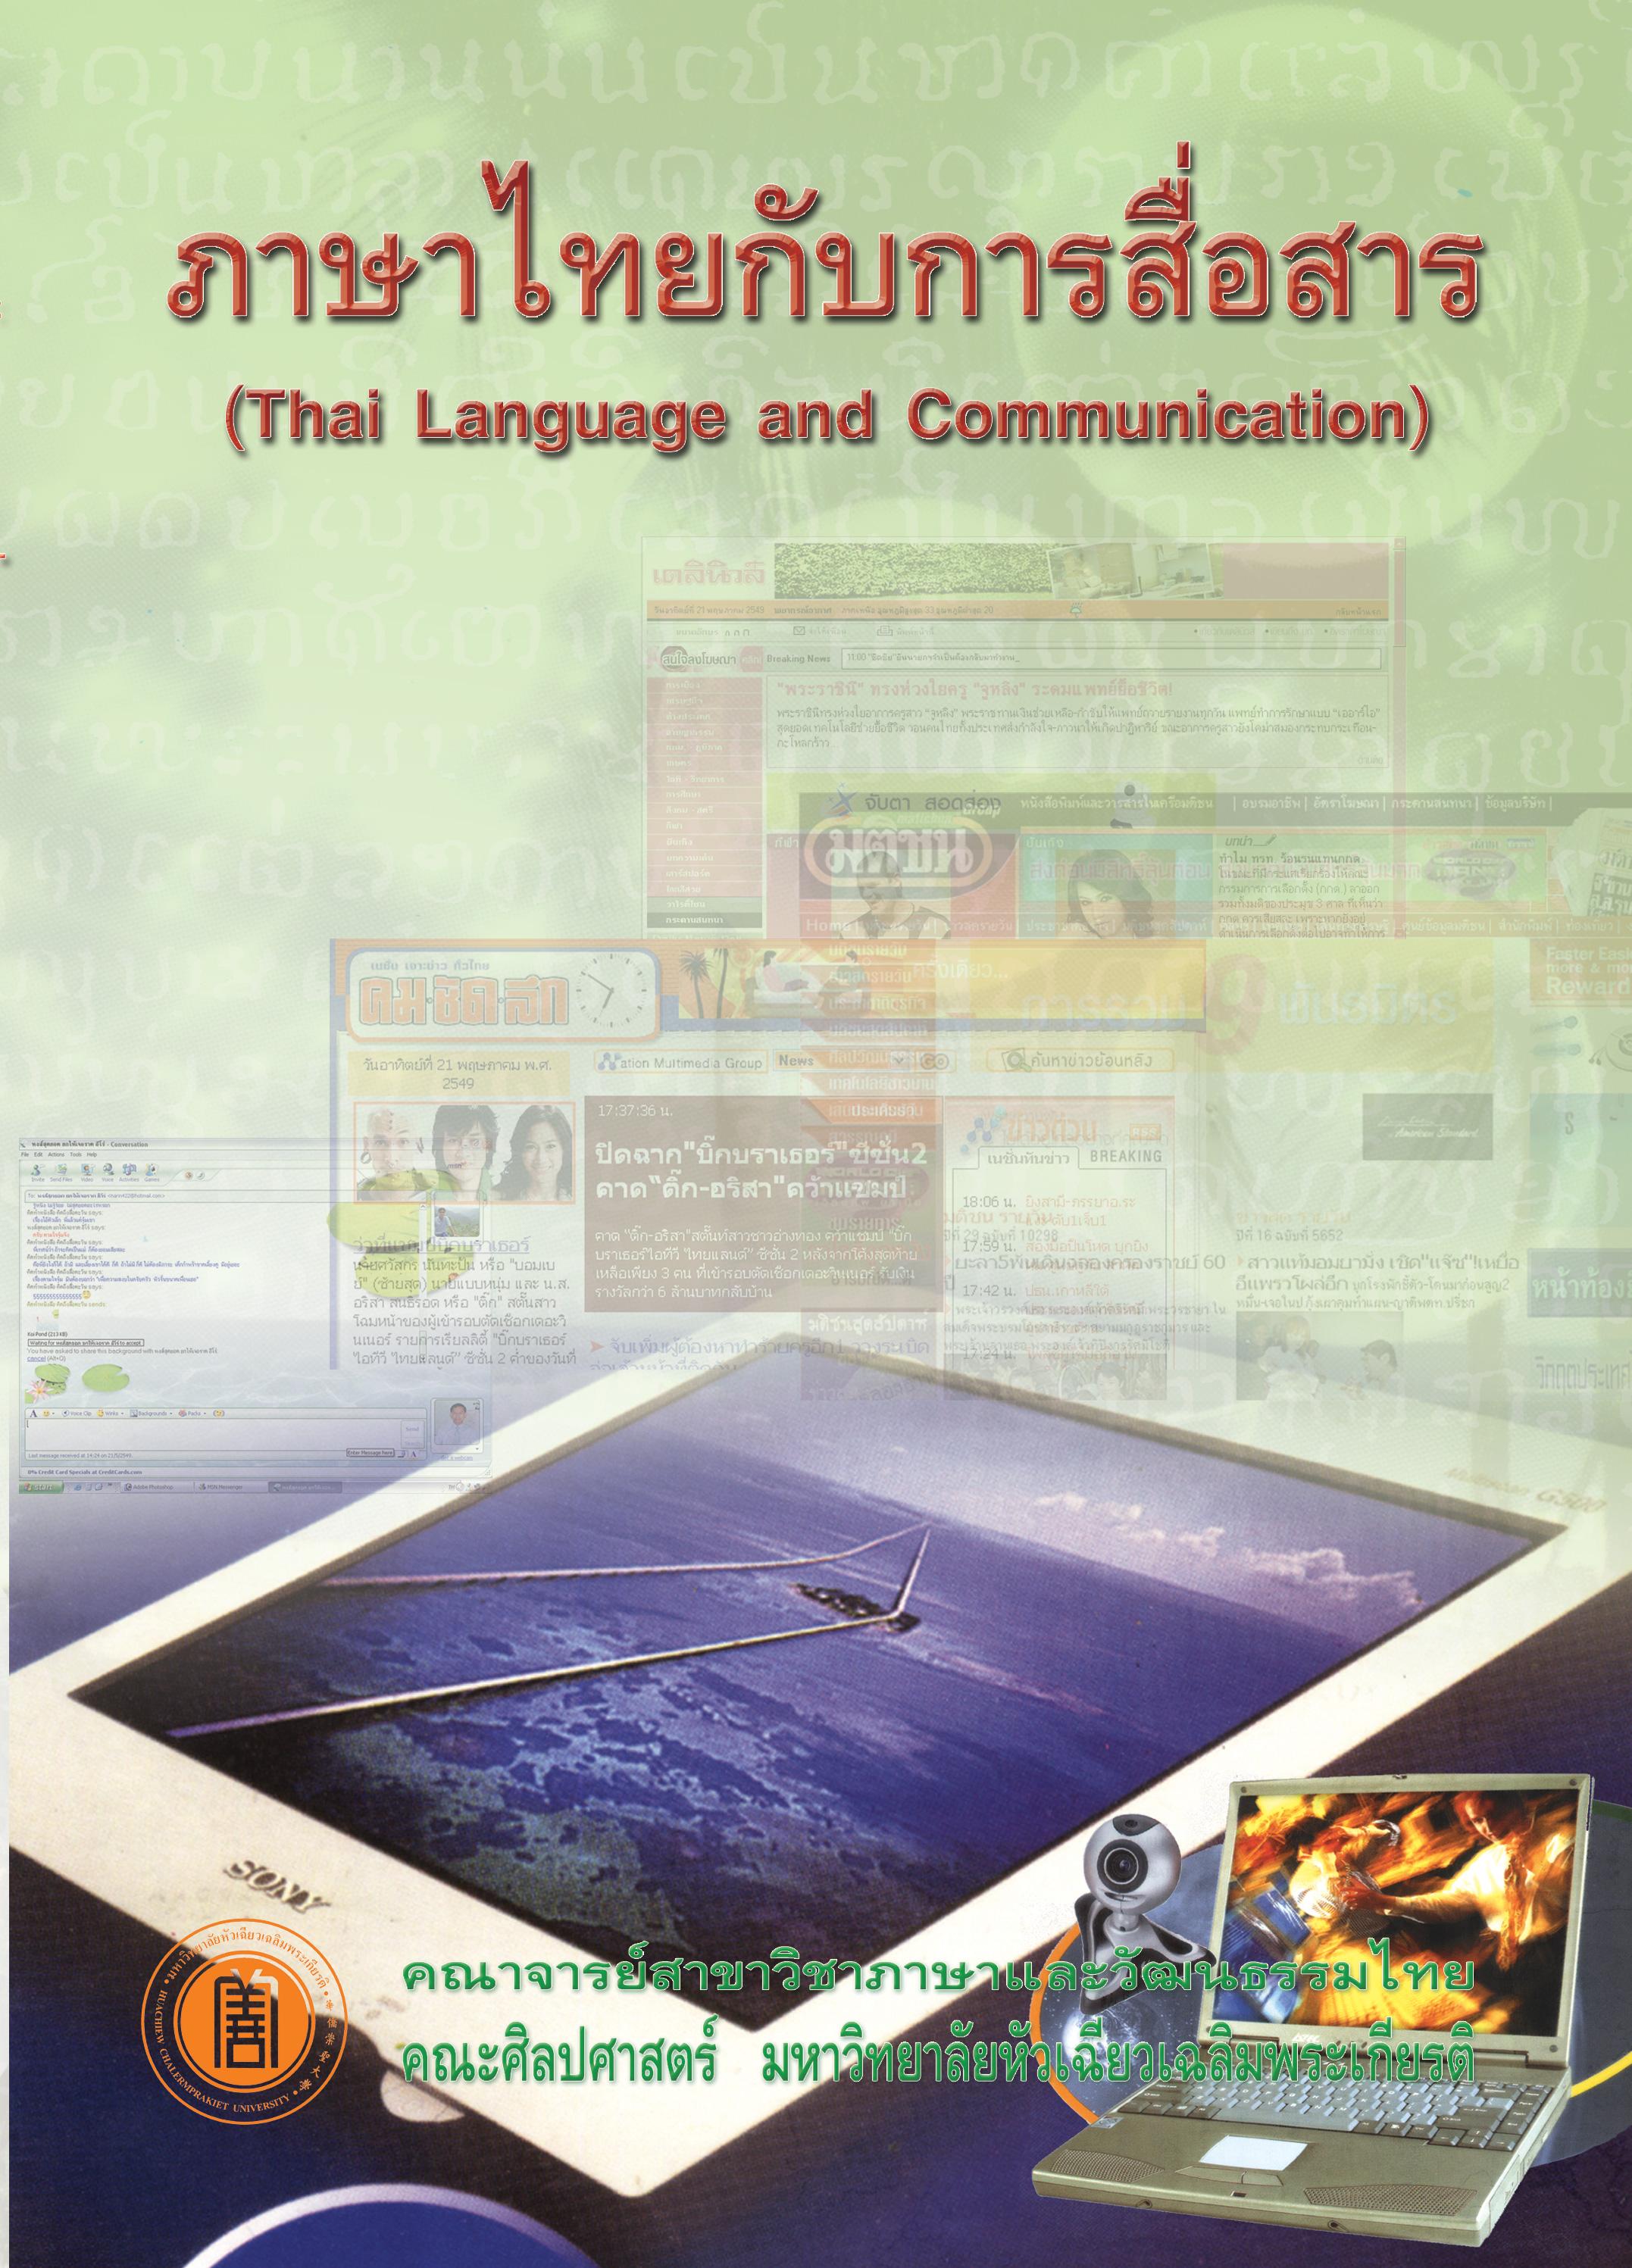 ปกภาษาไทยOK